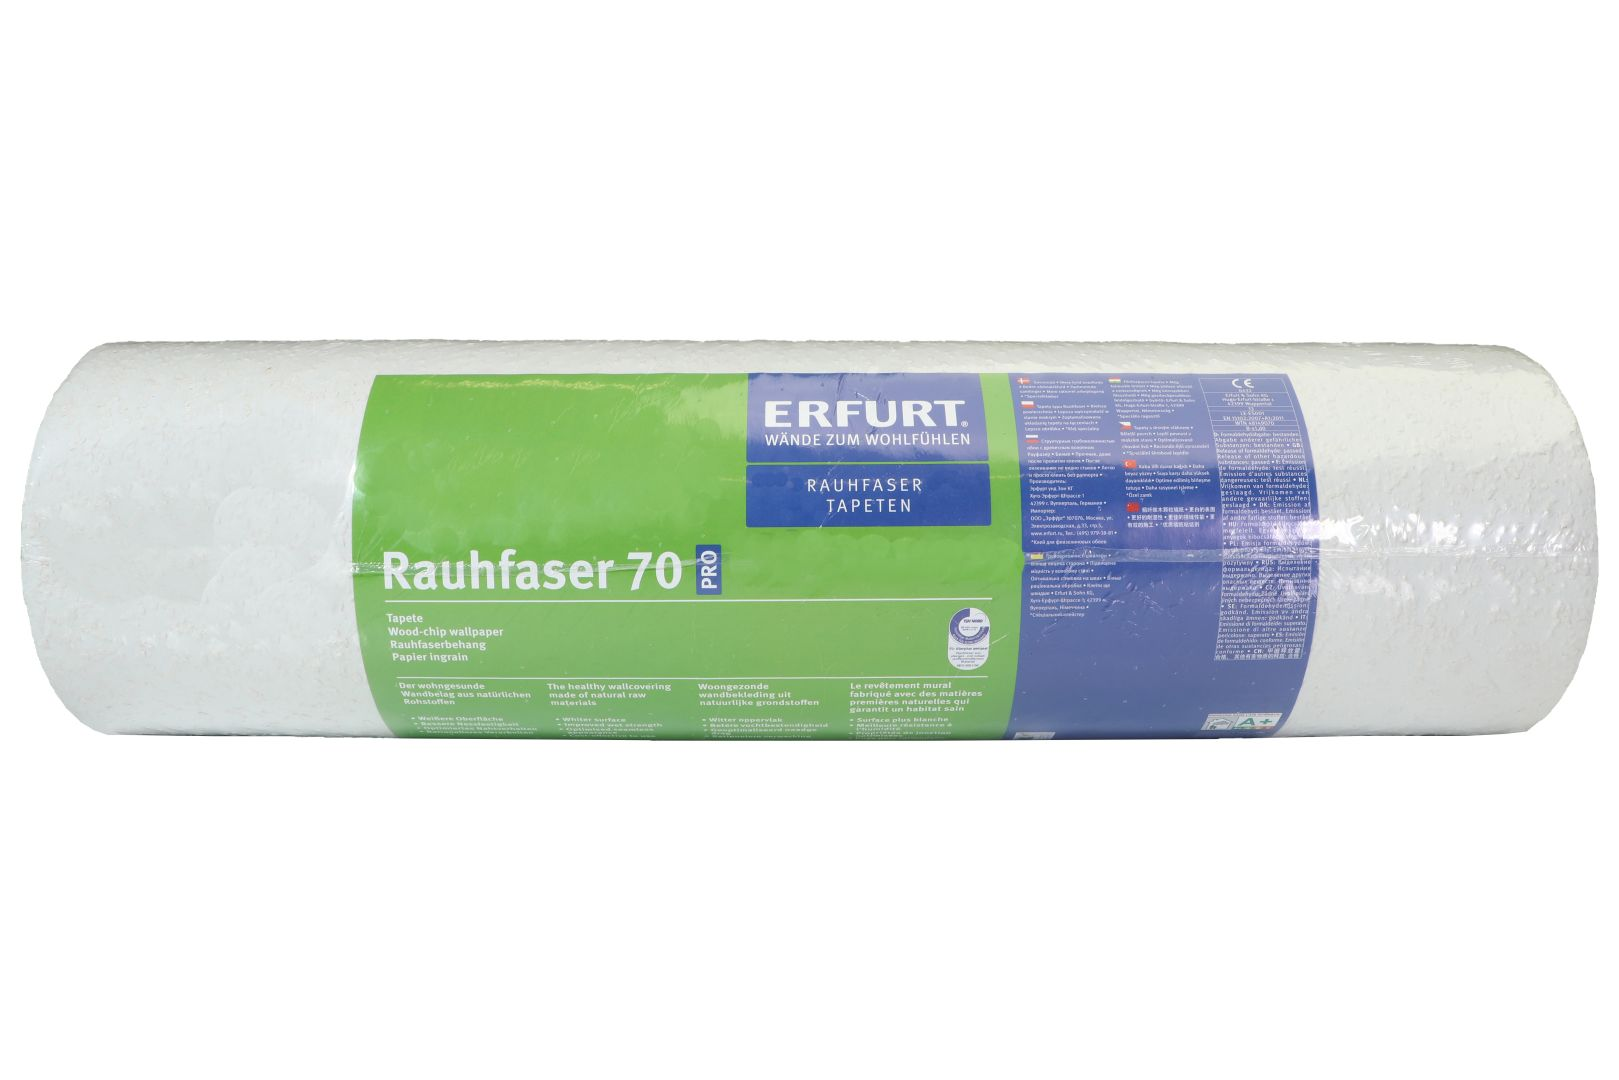 ERFURT Rauhfaser Tapete 70 Pro, abwechslungsreiche Struktur, 33,5 x 0,53 m, ausreichend für 17,7 m², 1 Rolle